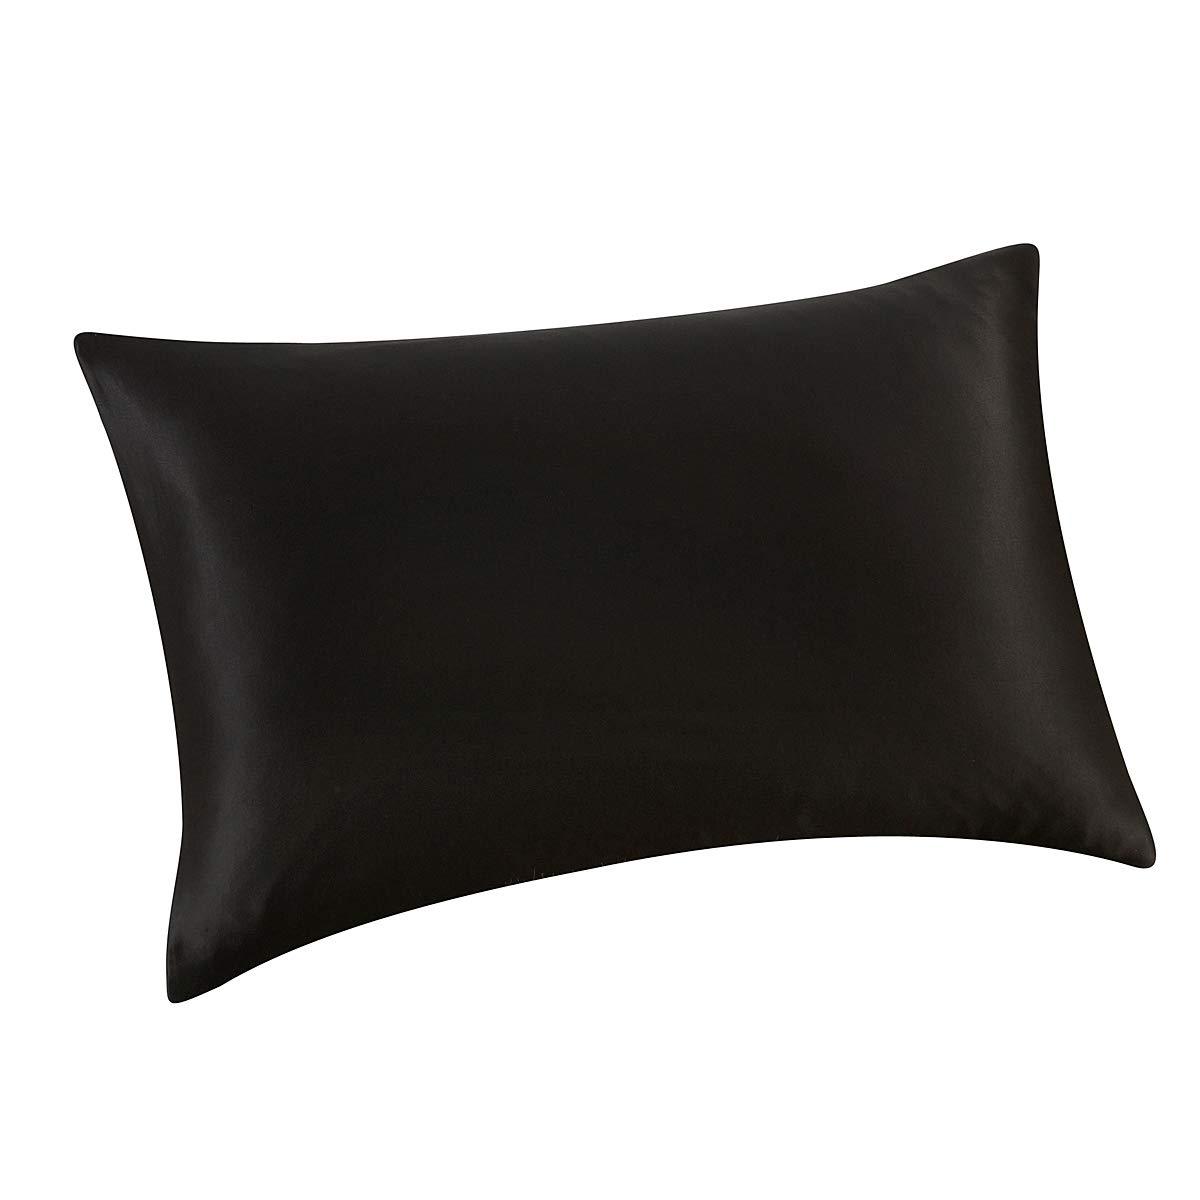 ALASKA BEAR 天然シルク枕カバー 低刺激性 25匁 900スレッドカウント マルベリーシルク クイーンサイズ 隠しファスナー付き Standard 20''x26'' ブラック AB-PC-25-Black-S Standard 20''x26'' ブラック B07DNVD1TV